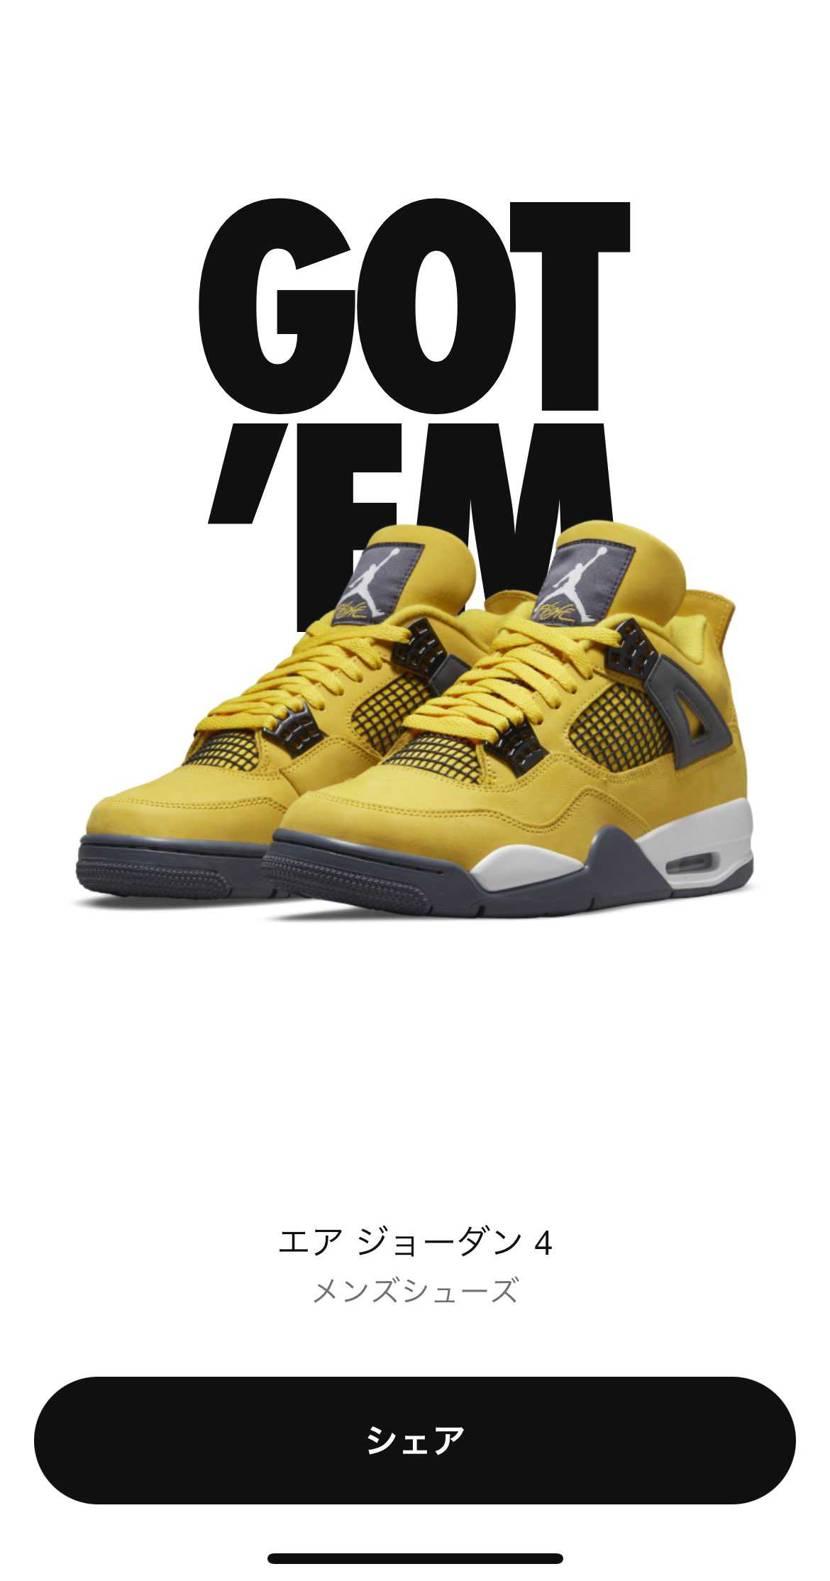 AJ1に続き、最近黄色ばっかり買ってるような。。。